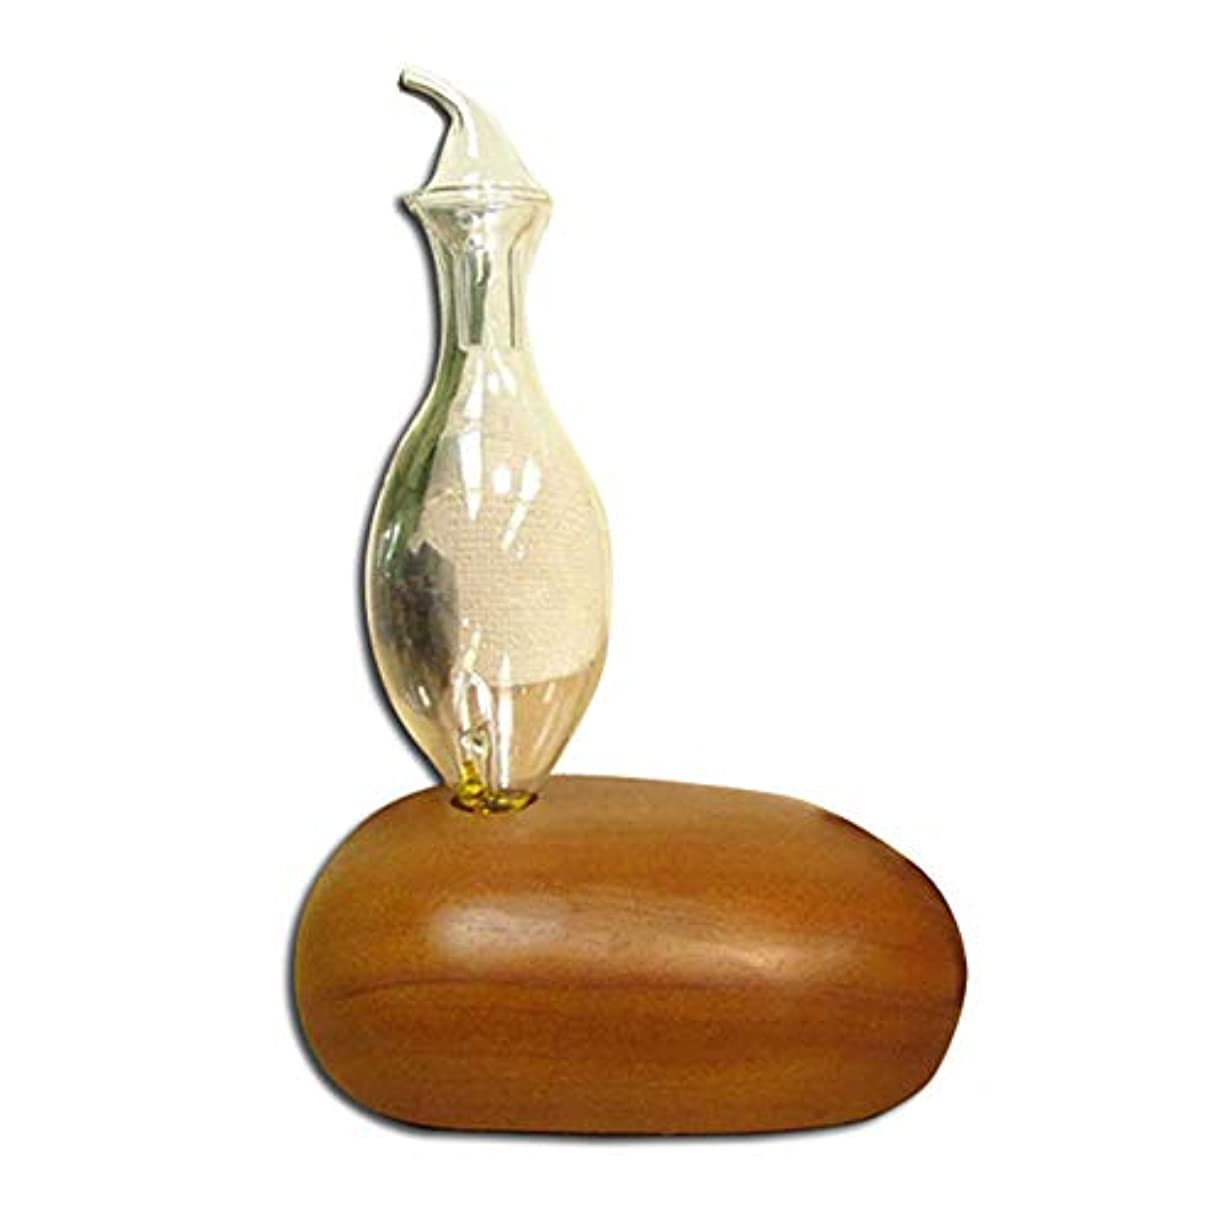 に慣れプレミアム結晶専用アロマディフューザー WOOD アロマオイル ピュア100% エッセンシャルオイルディフューザー ピュアオイル ガラス 木製 木目